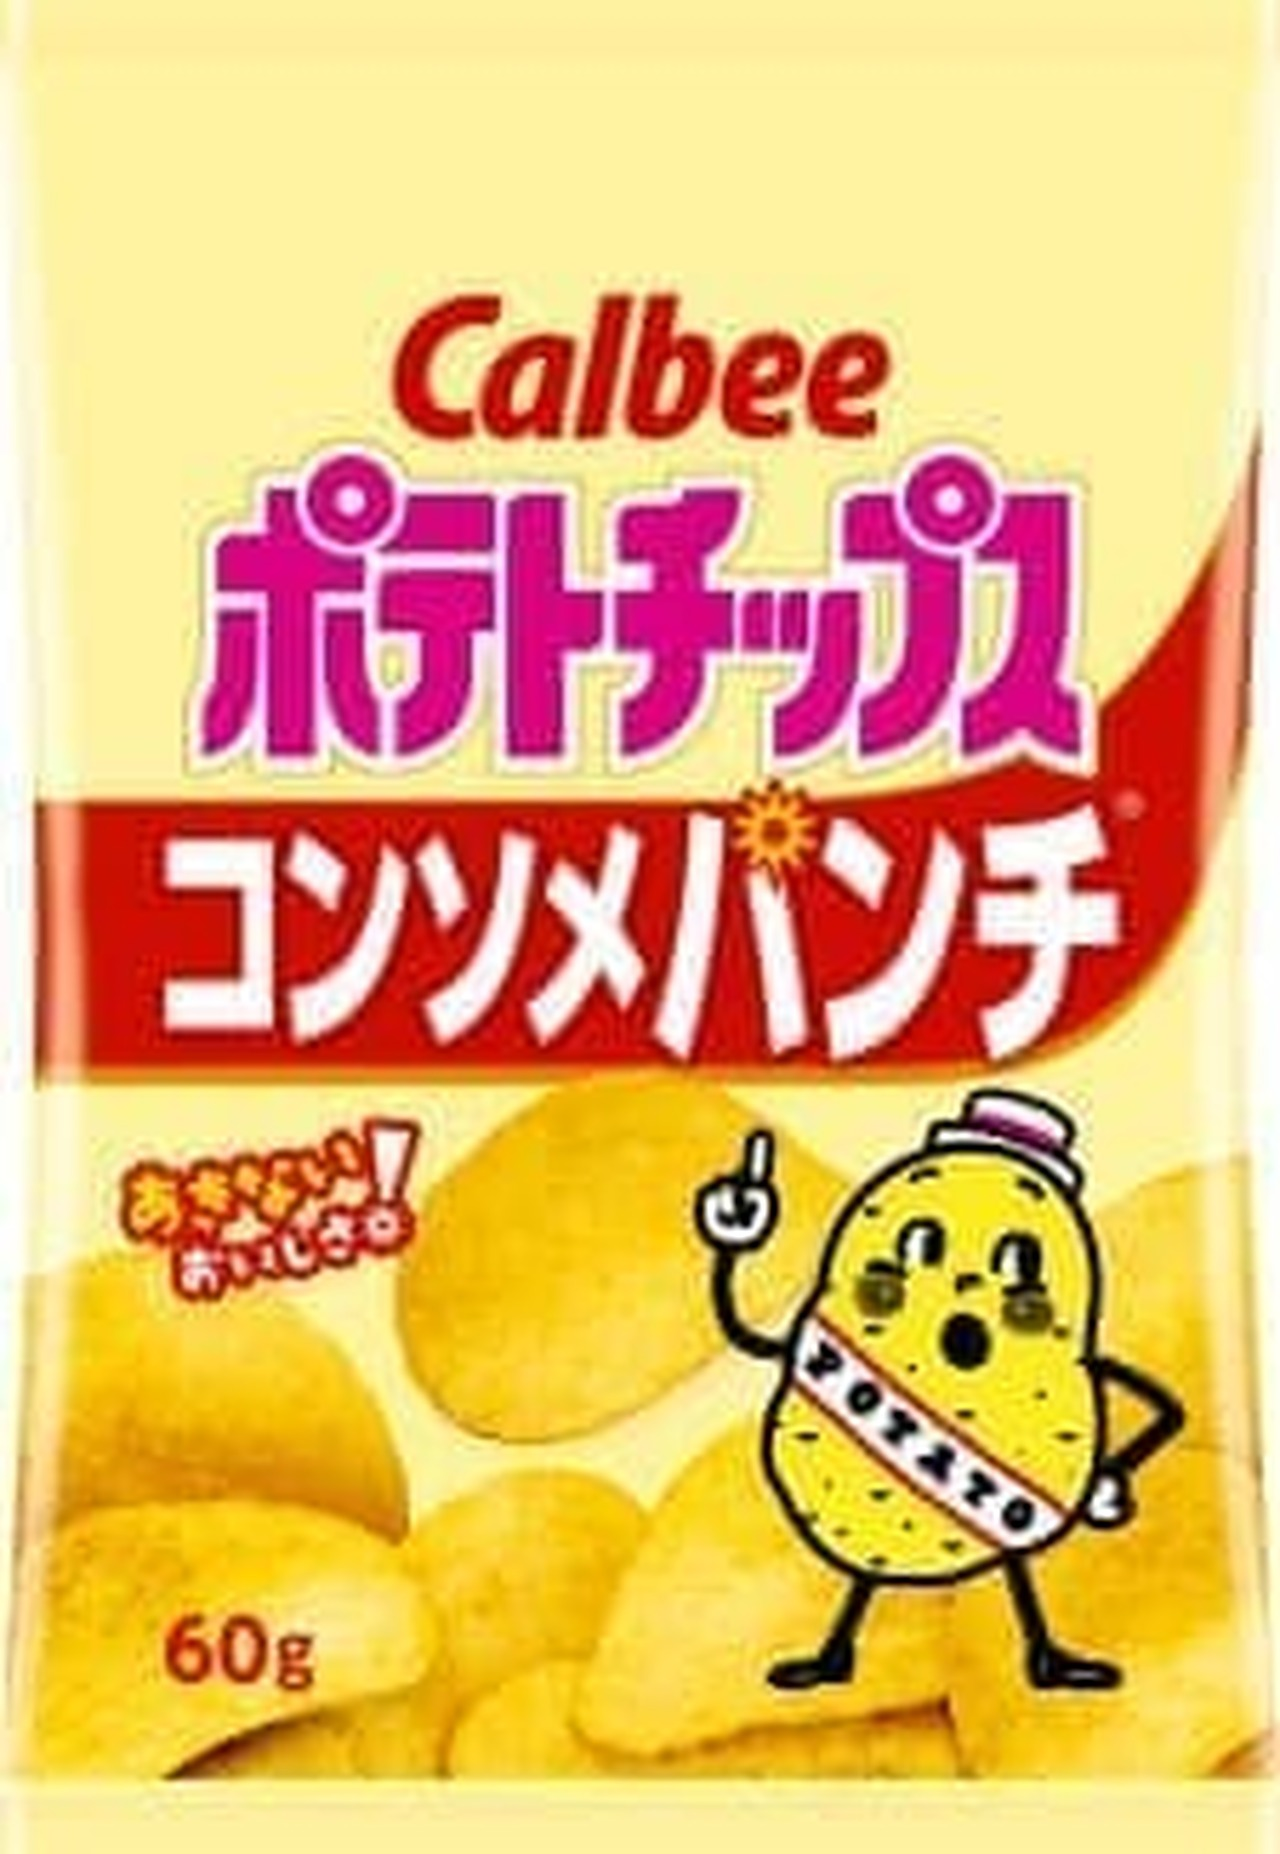 カルビー「ポテトチップス コンソメパンチ」